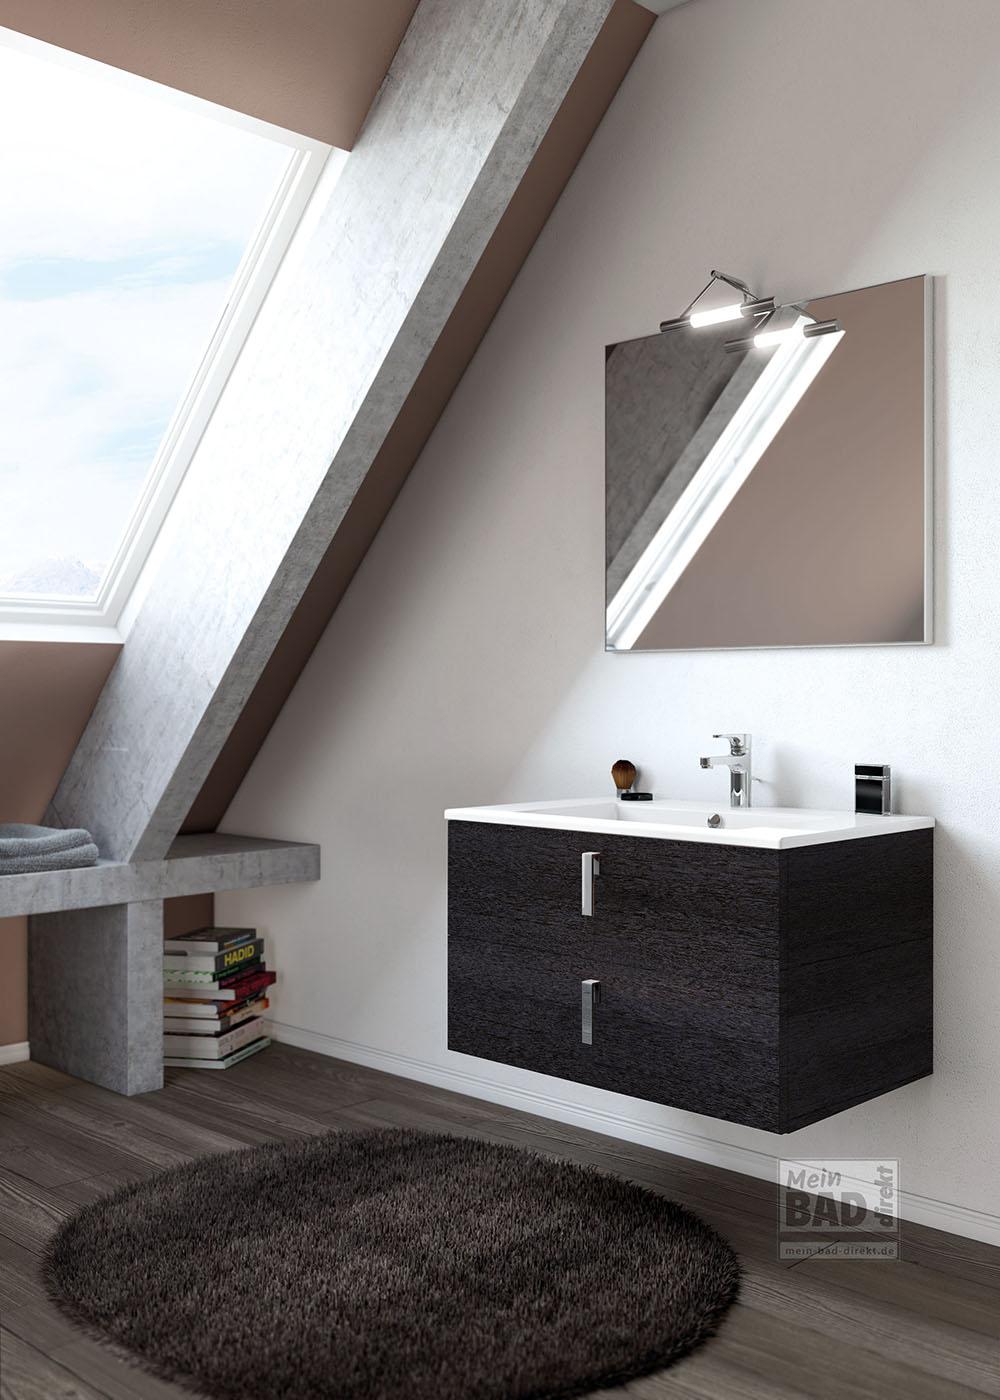 waschtische moderne bad cool badezimmer bilder modern boden wanne schwarz waschtisch schweben. Black Bedroom Furniture Sets. Home Design Ideas